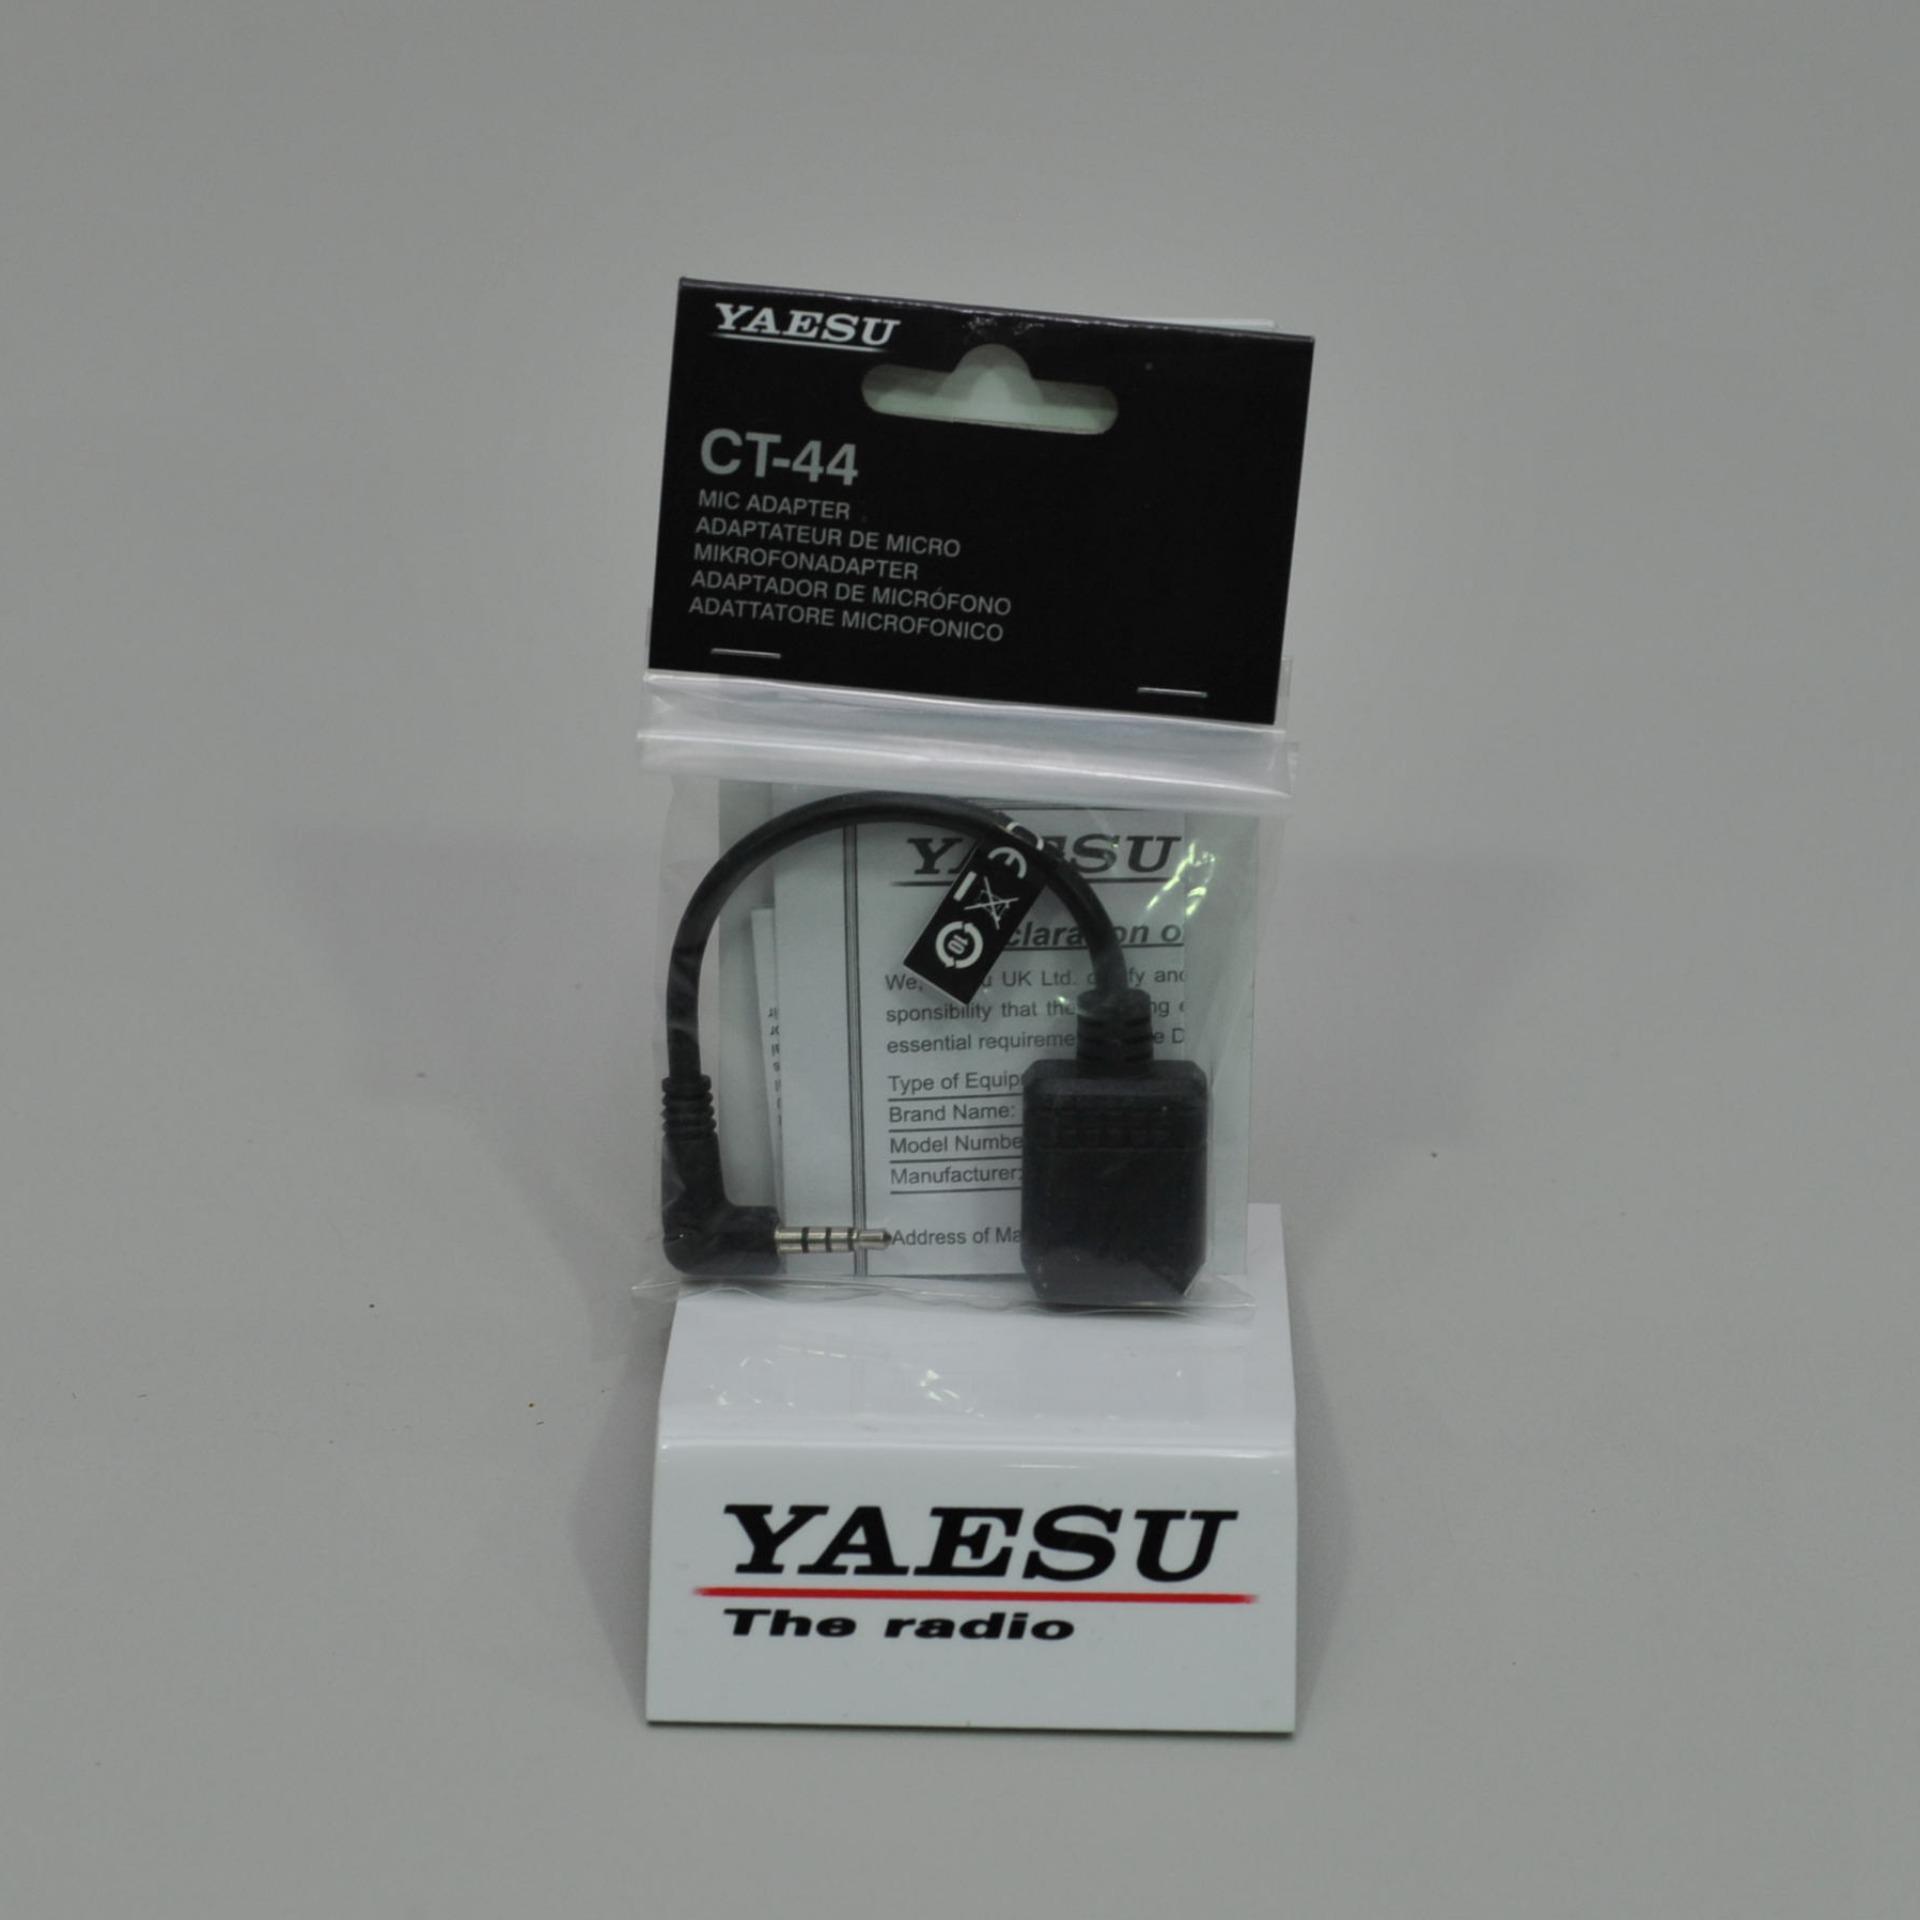 YAESU CT-44 ADAPTER